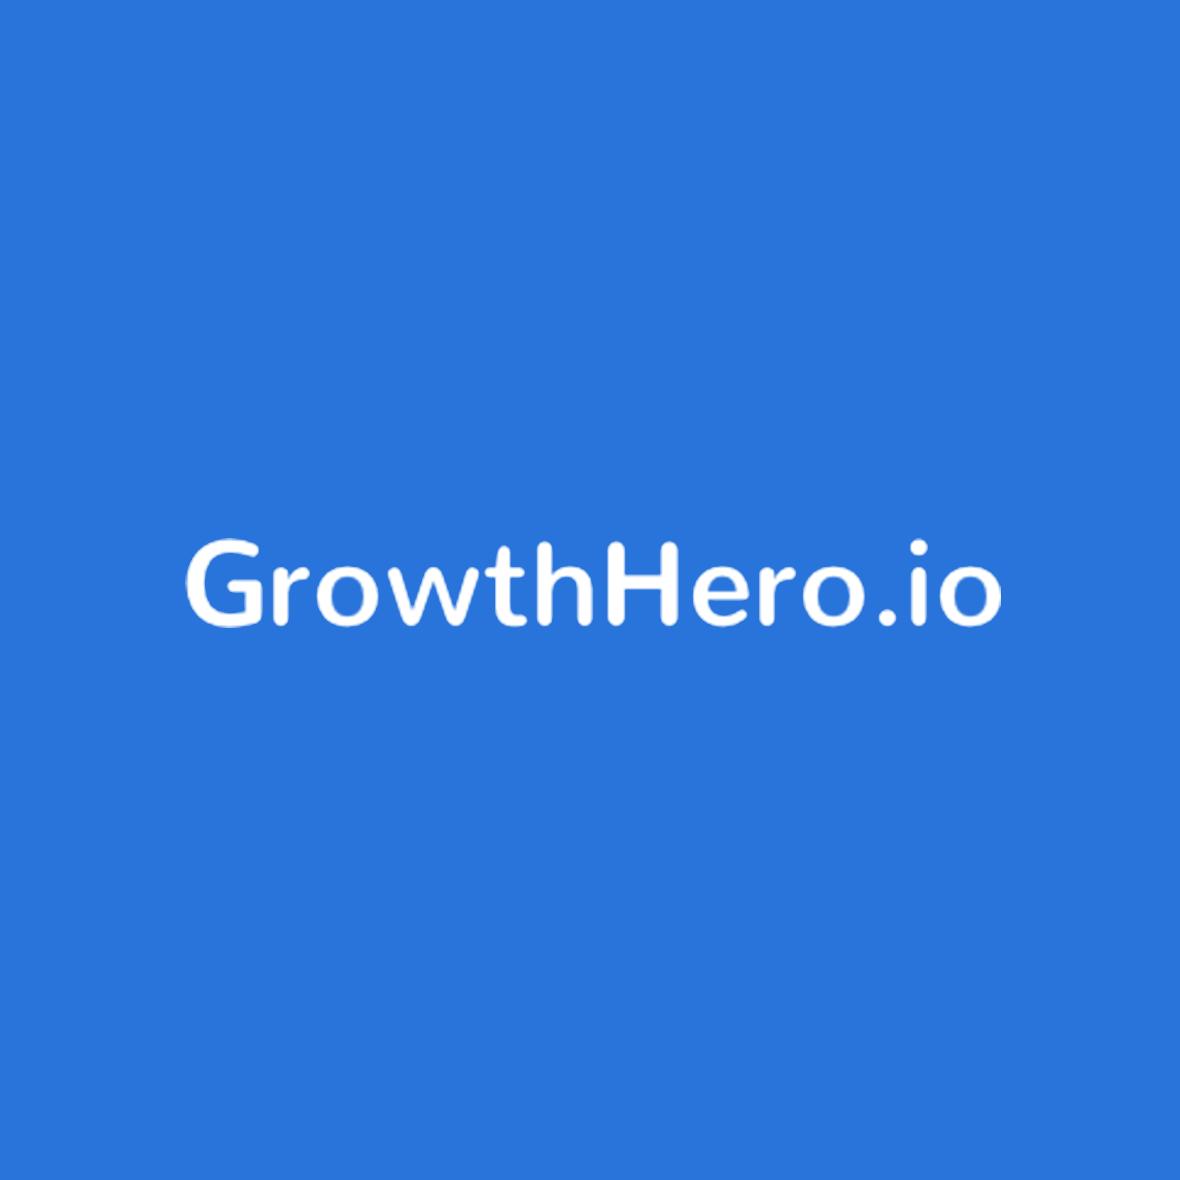 GrowthHero